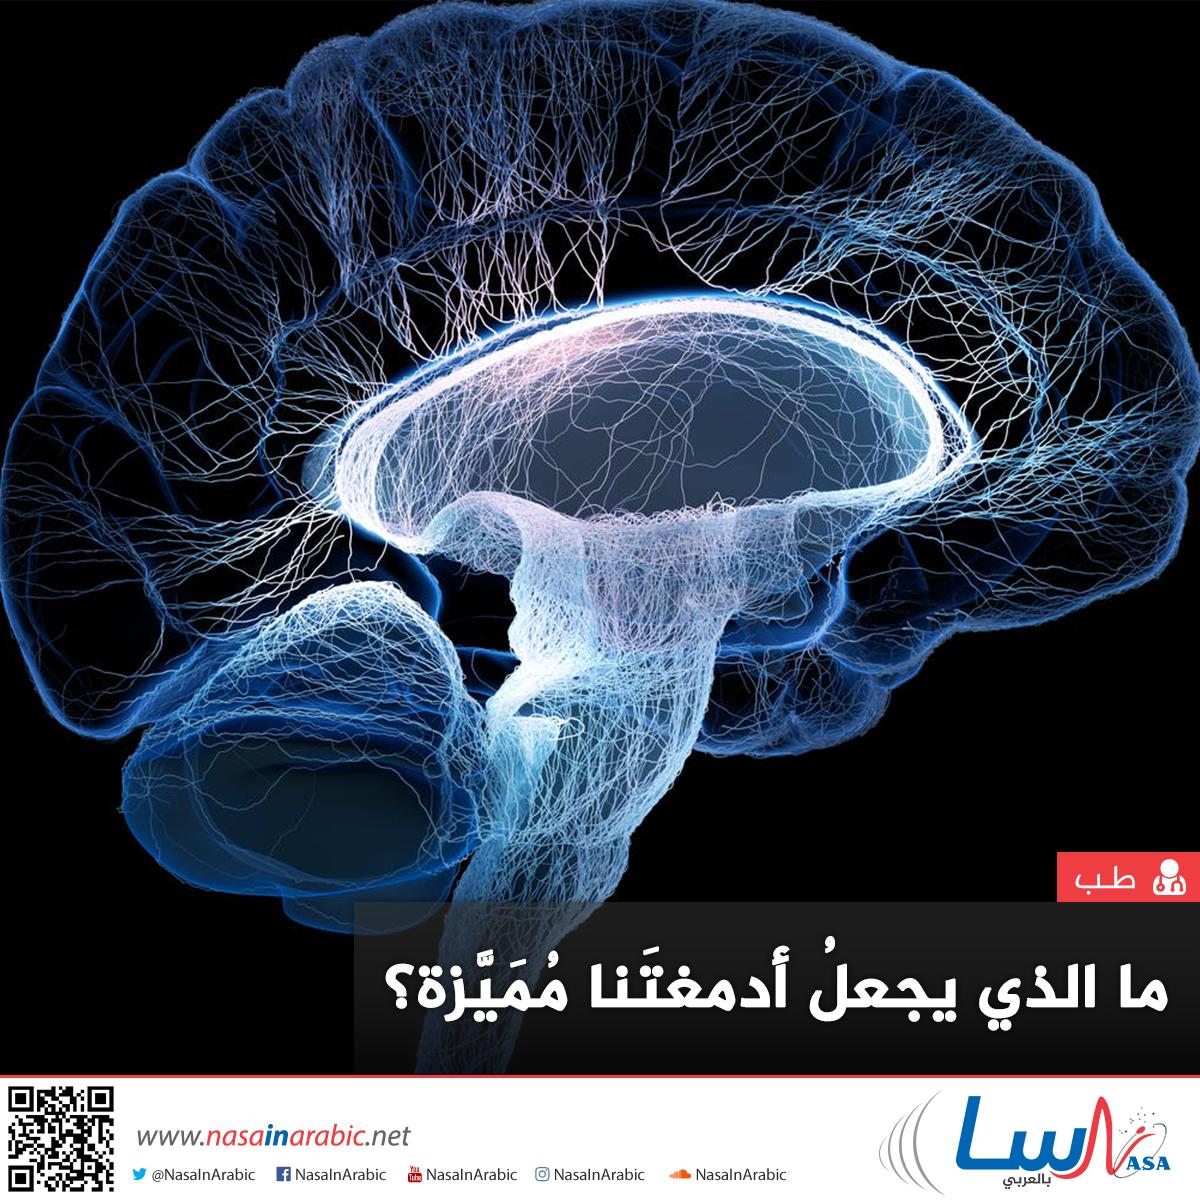 إنَّ الدماغَ البشريَّ بكلِّ تعقيداته المذهلة هو نتاج ملايين السنين من التطوُّر، ولكن ما الذي يجعلُ أدمغتَنا مُمَيَّزة؟